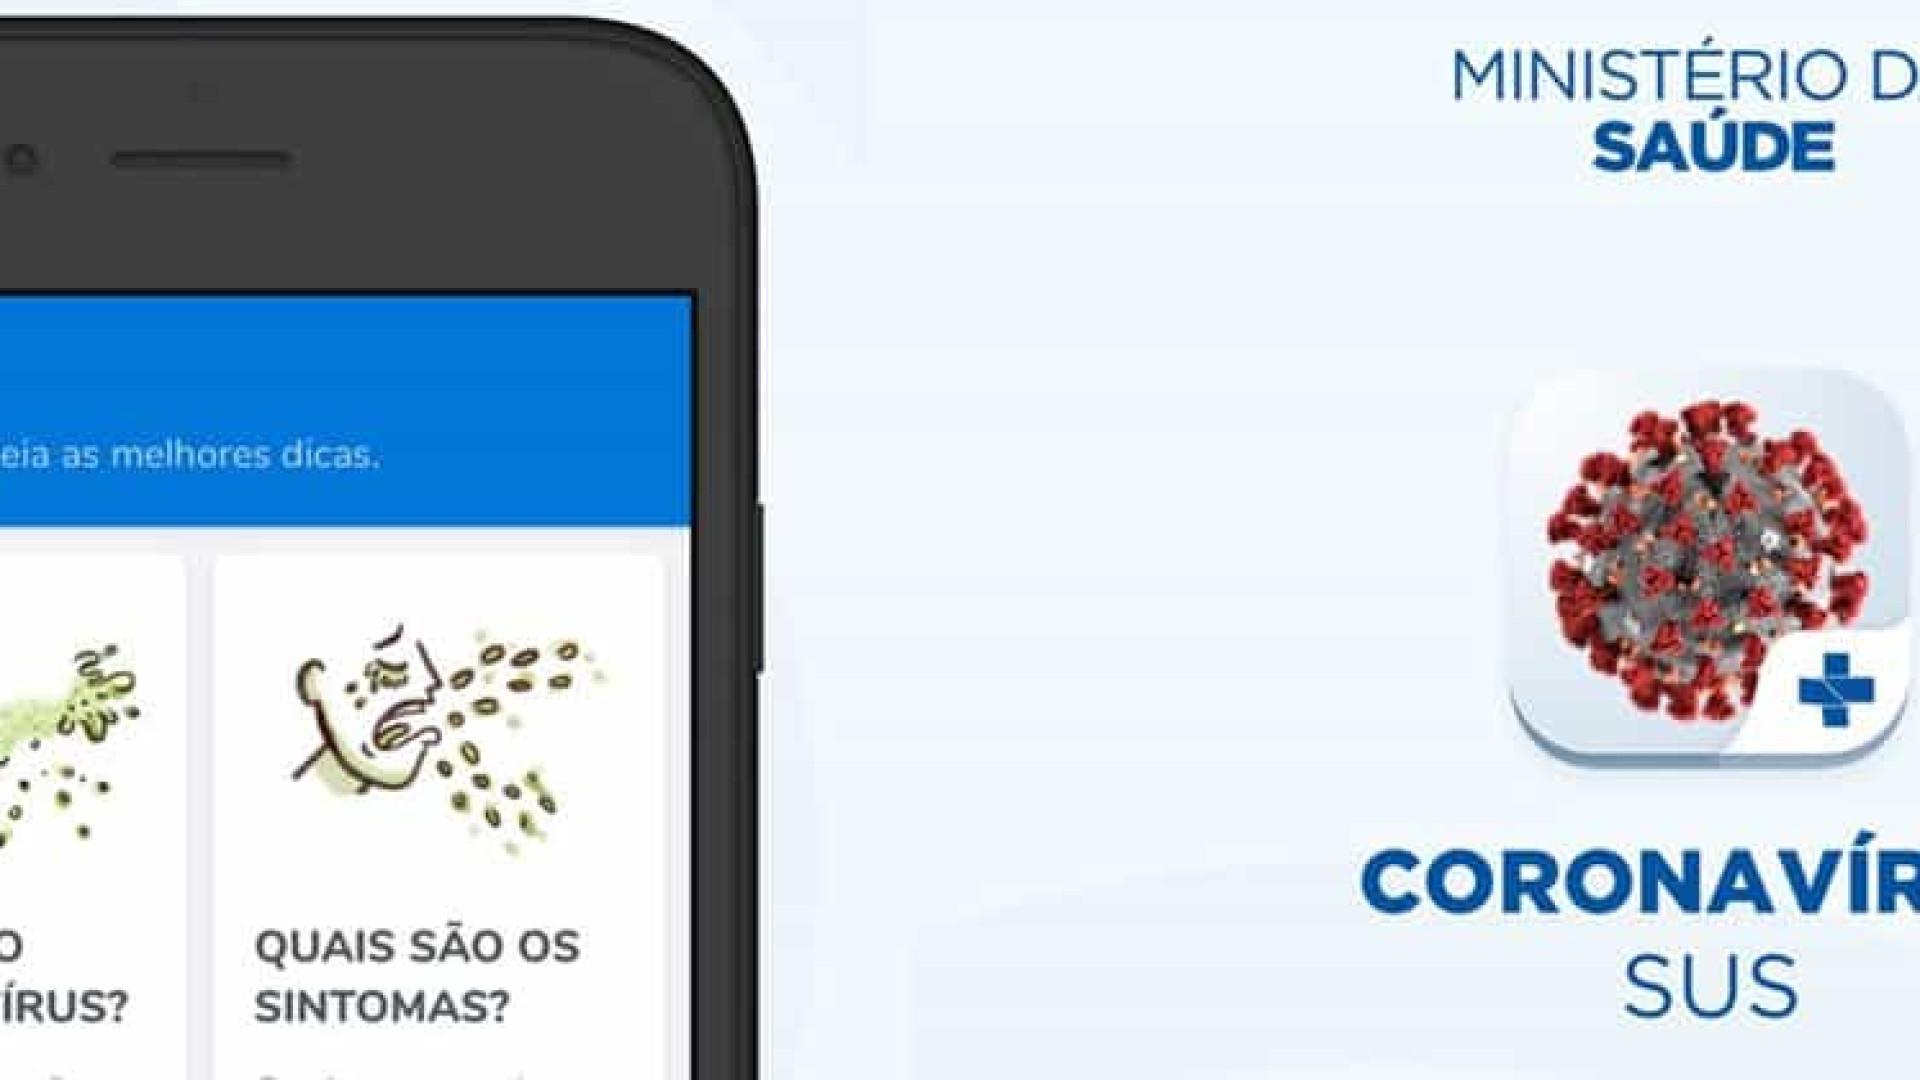 Aplicativo ajudará a rastrear contatos de infectados com covid-19